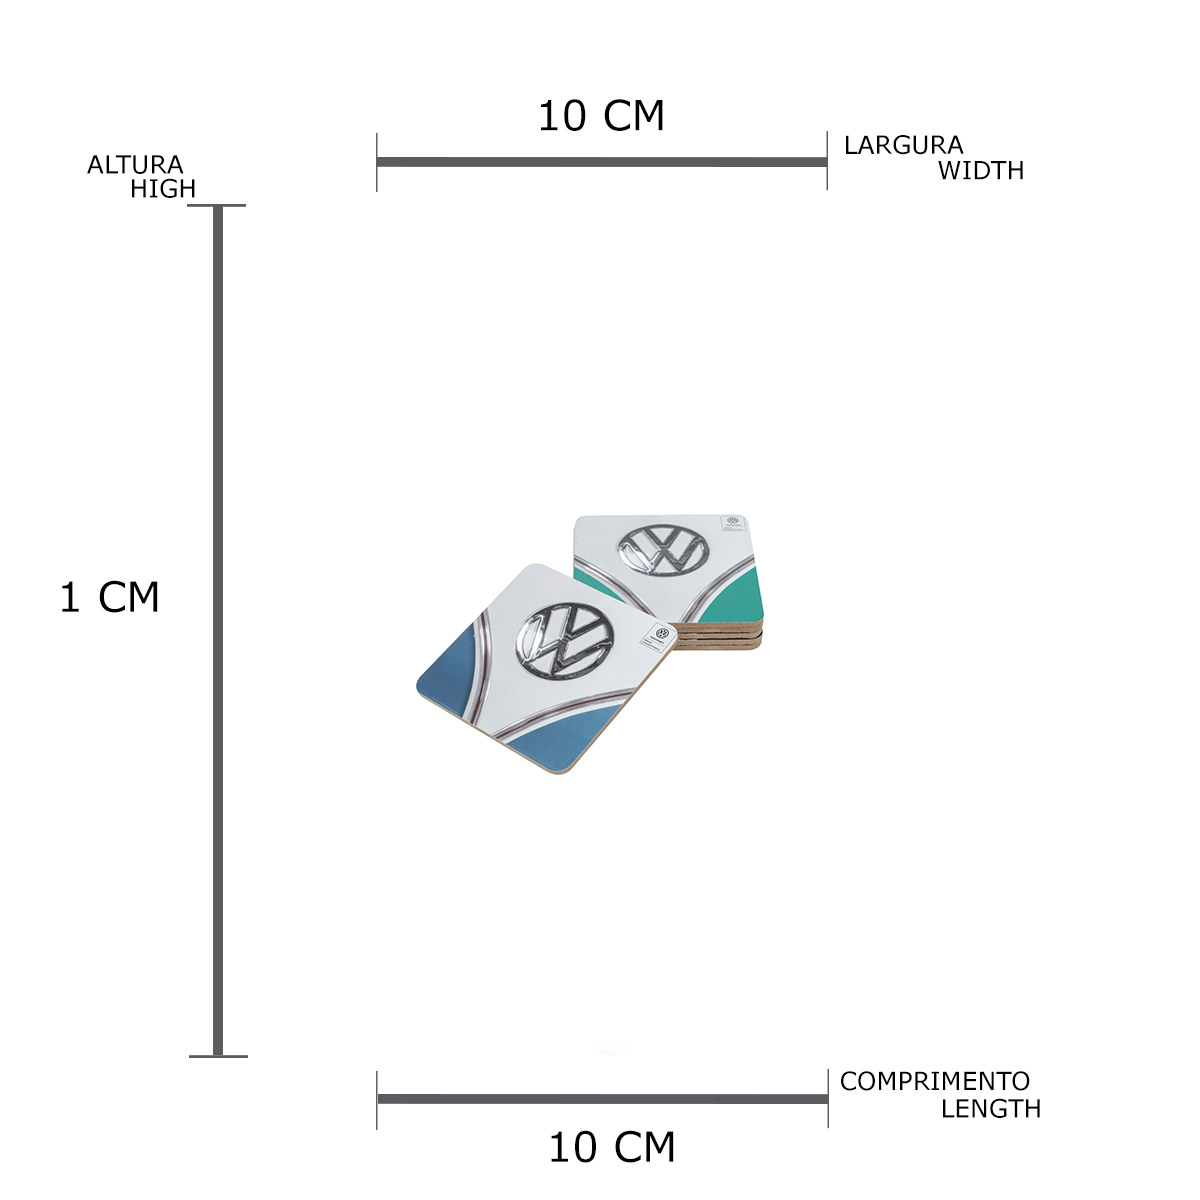 Jogo de 6 Pcs Porta Copo Cortiça Vw Kombi Hood Colorido 10 x 0.5 x 10 cm